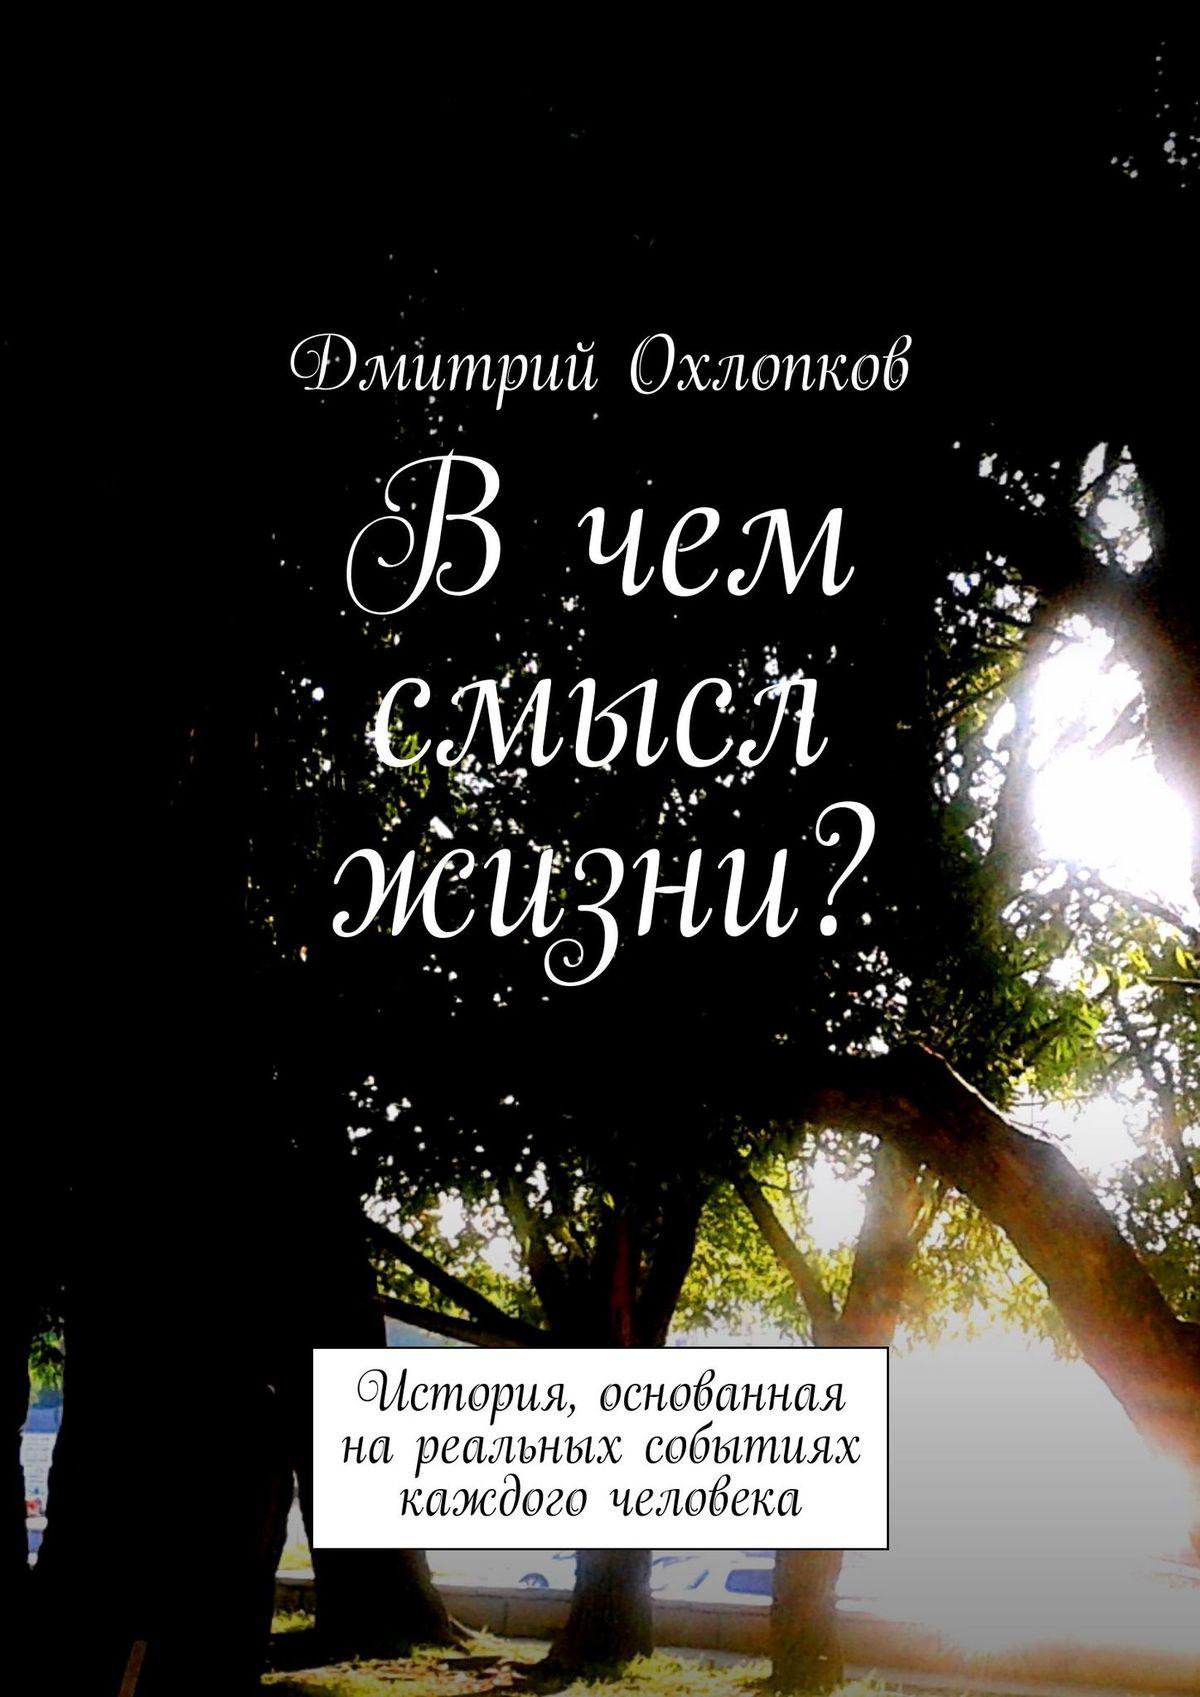 Вчем смысл жизни? История, основанная на реальных событиях каждого человека ( Дмитрий Охлопков  )